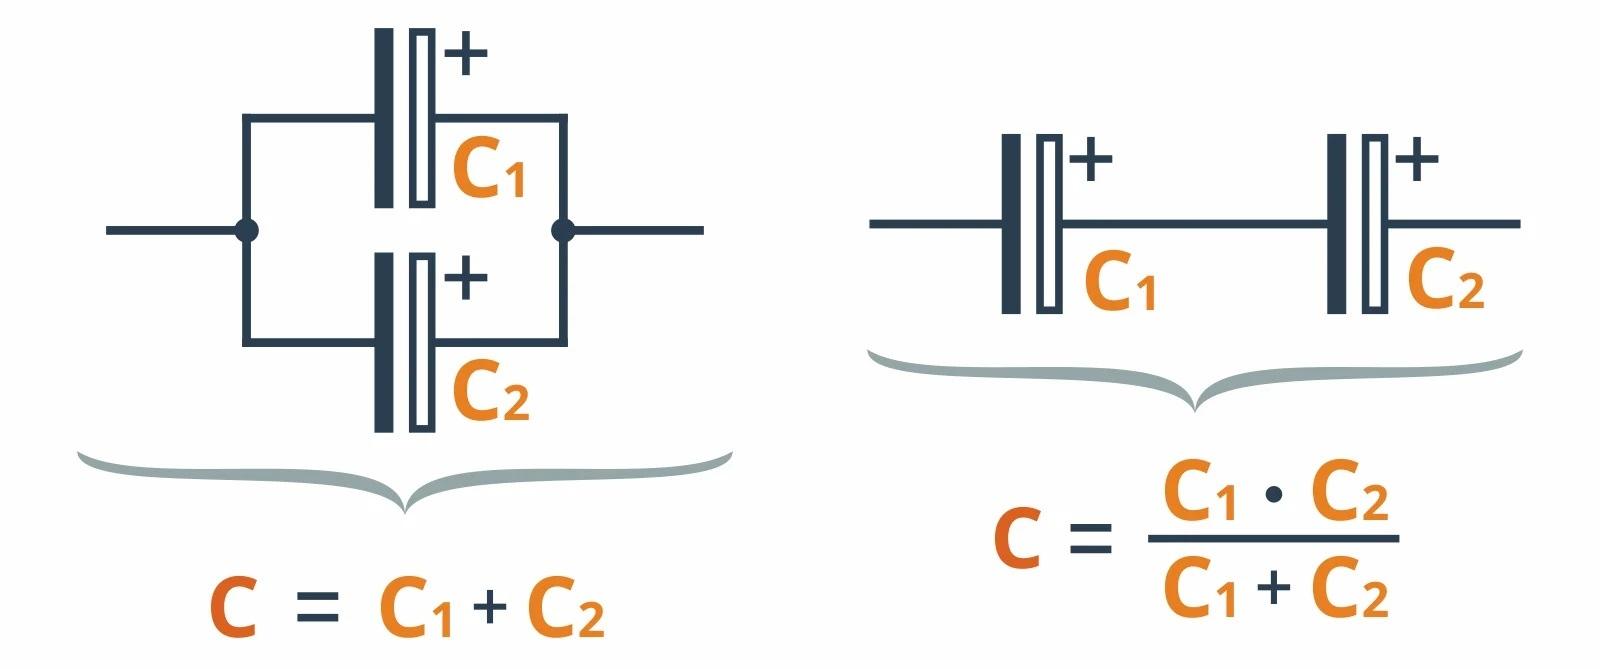 Подключение конденсаторов параллельно и последовательно